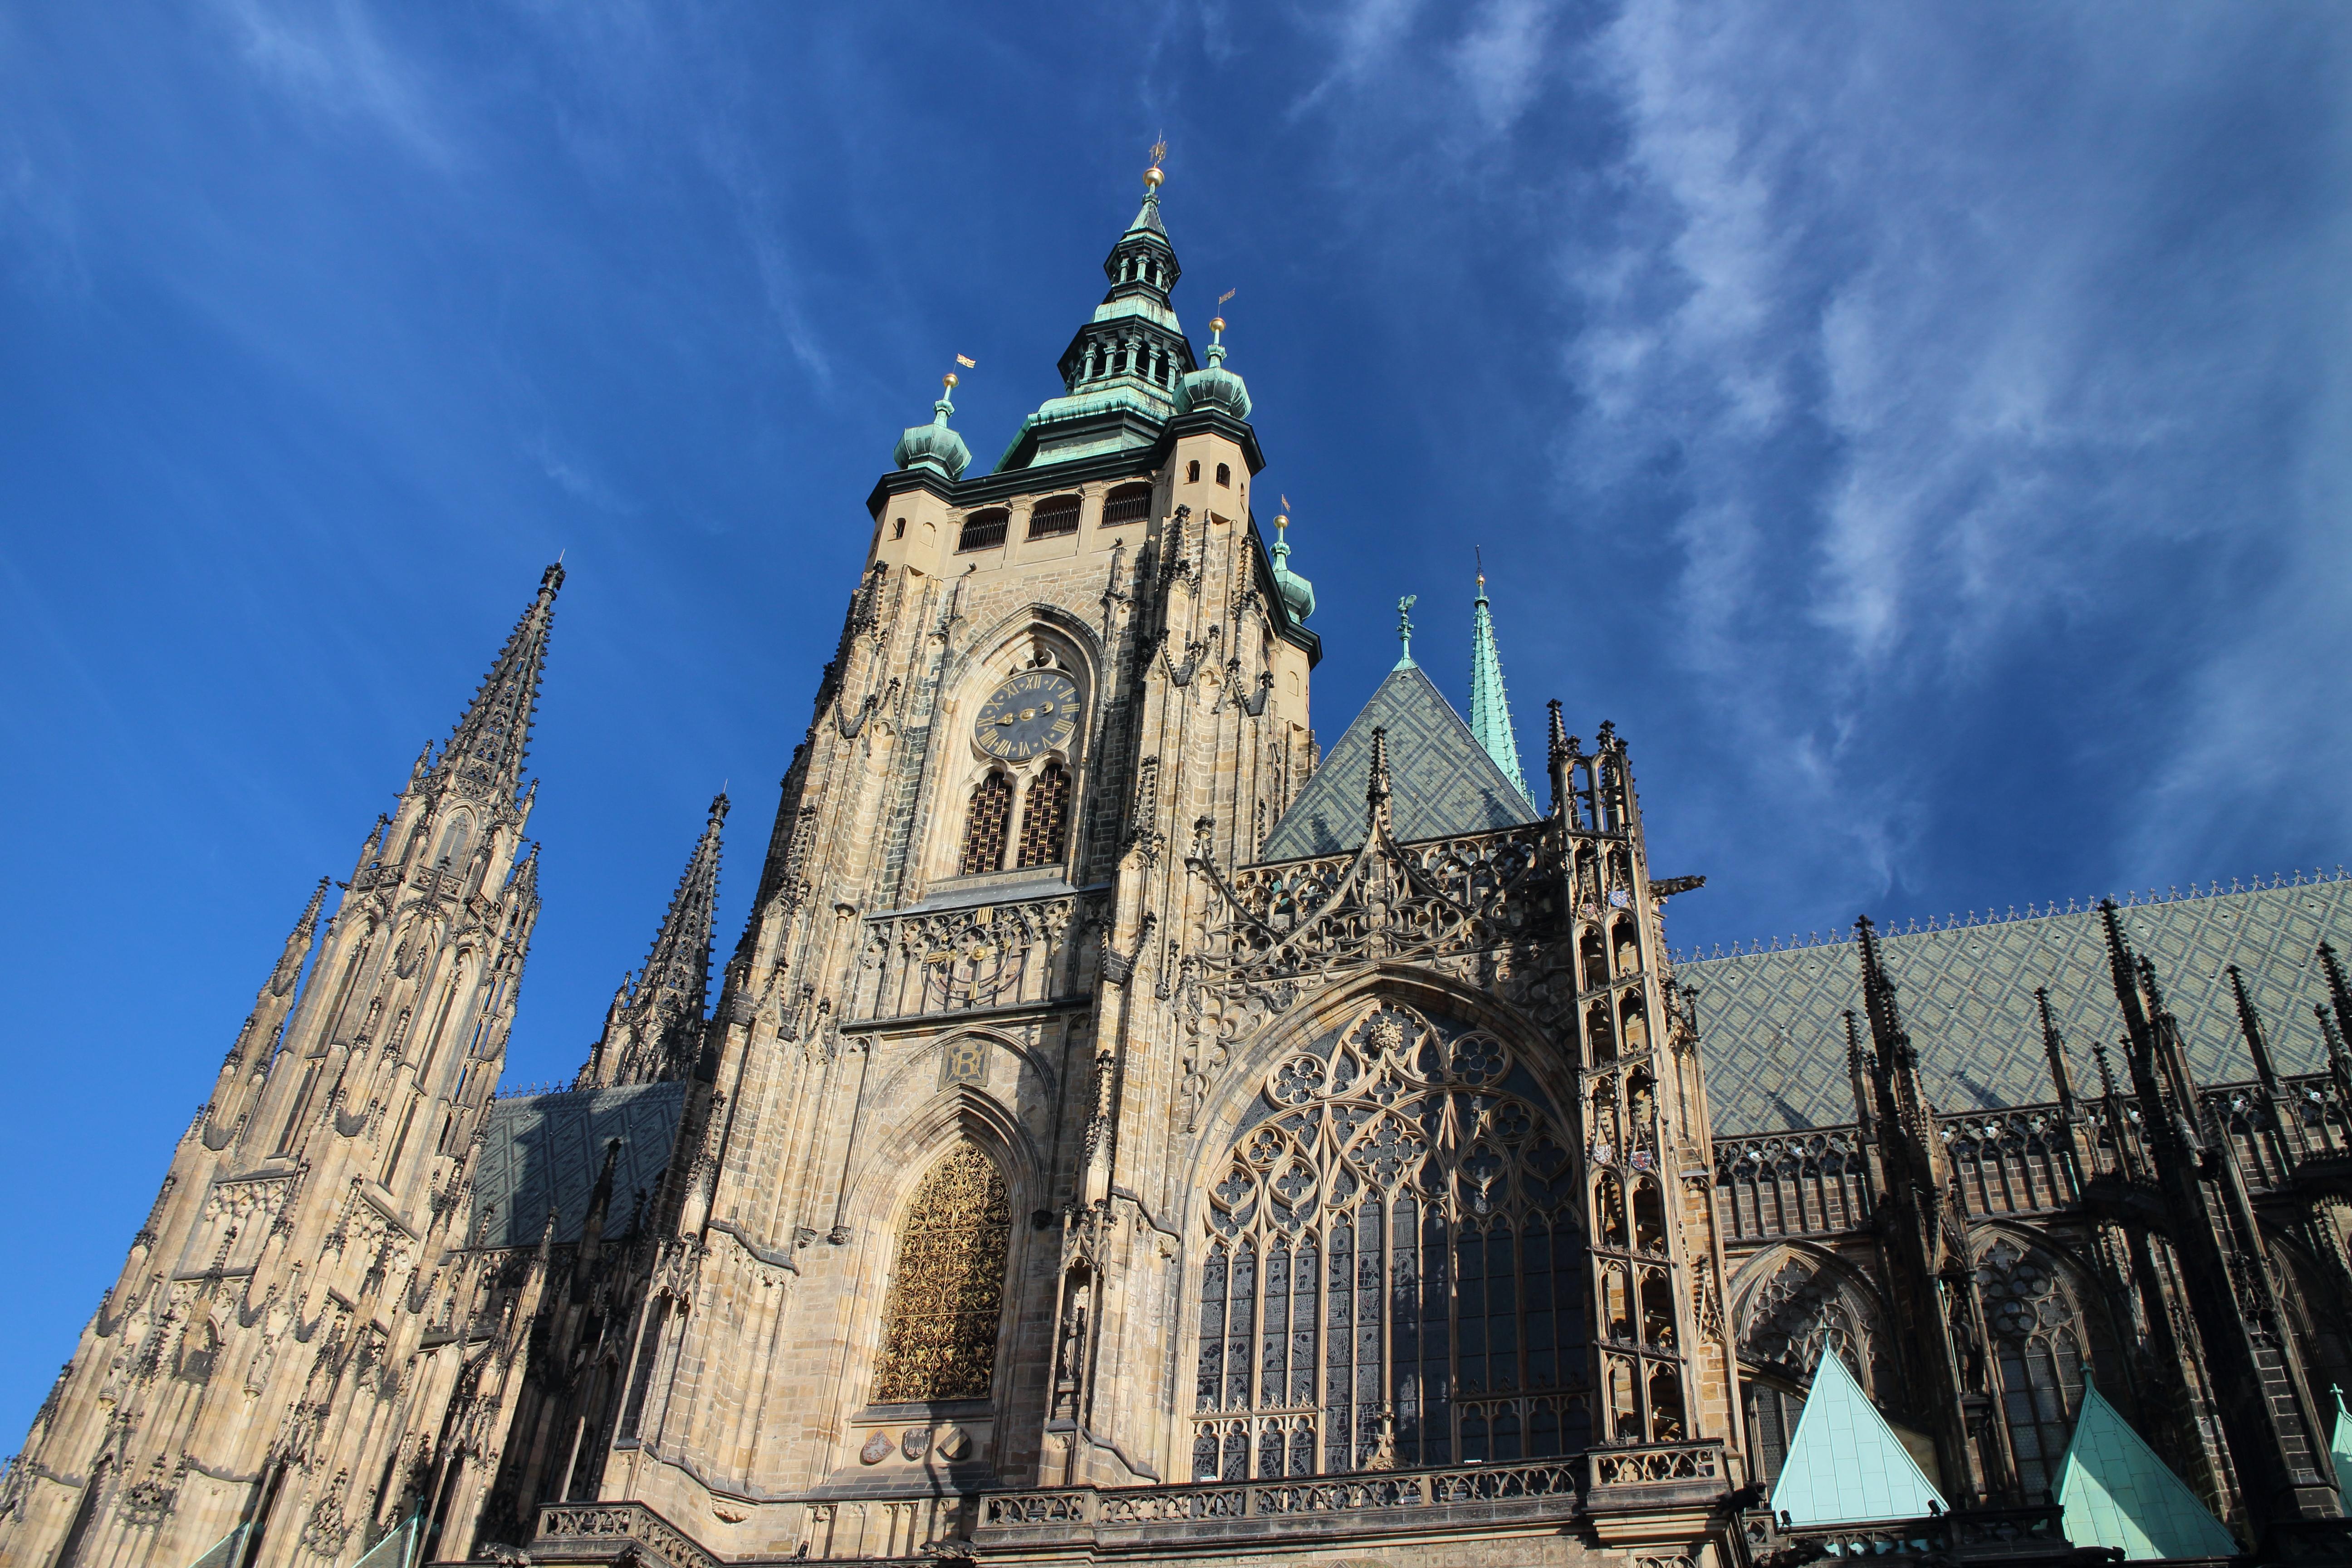 【チェコ・プラハ】聖ヴィート大聖堂は朝イチでも長蛇の列!